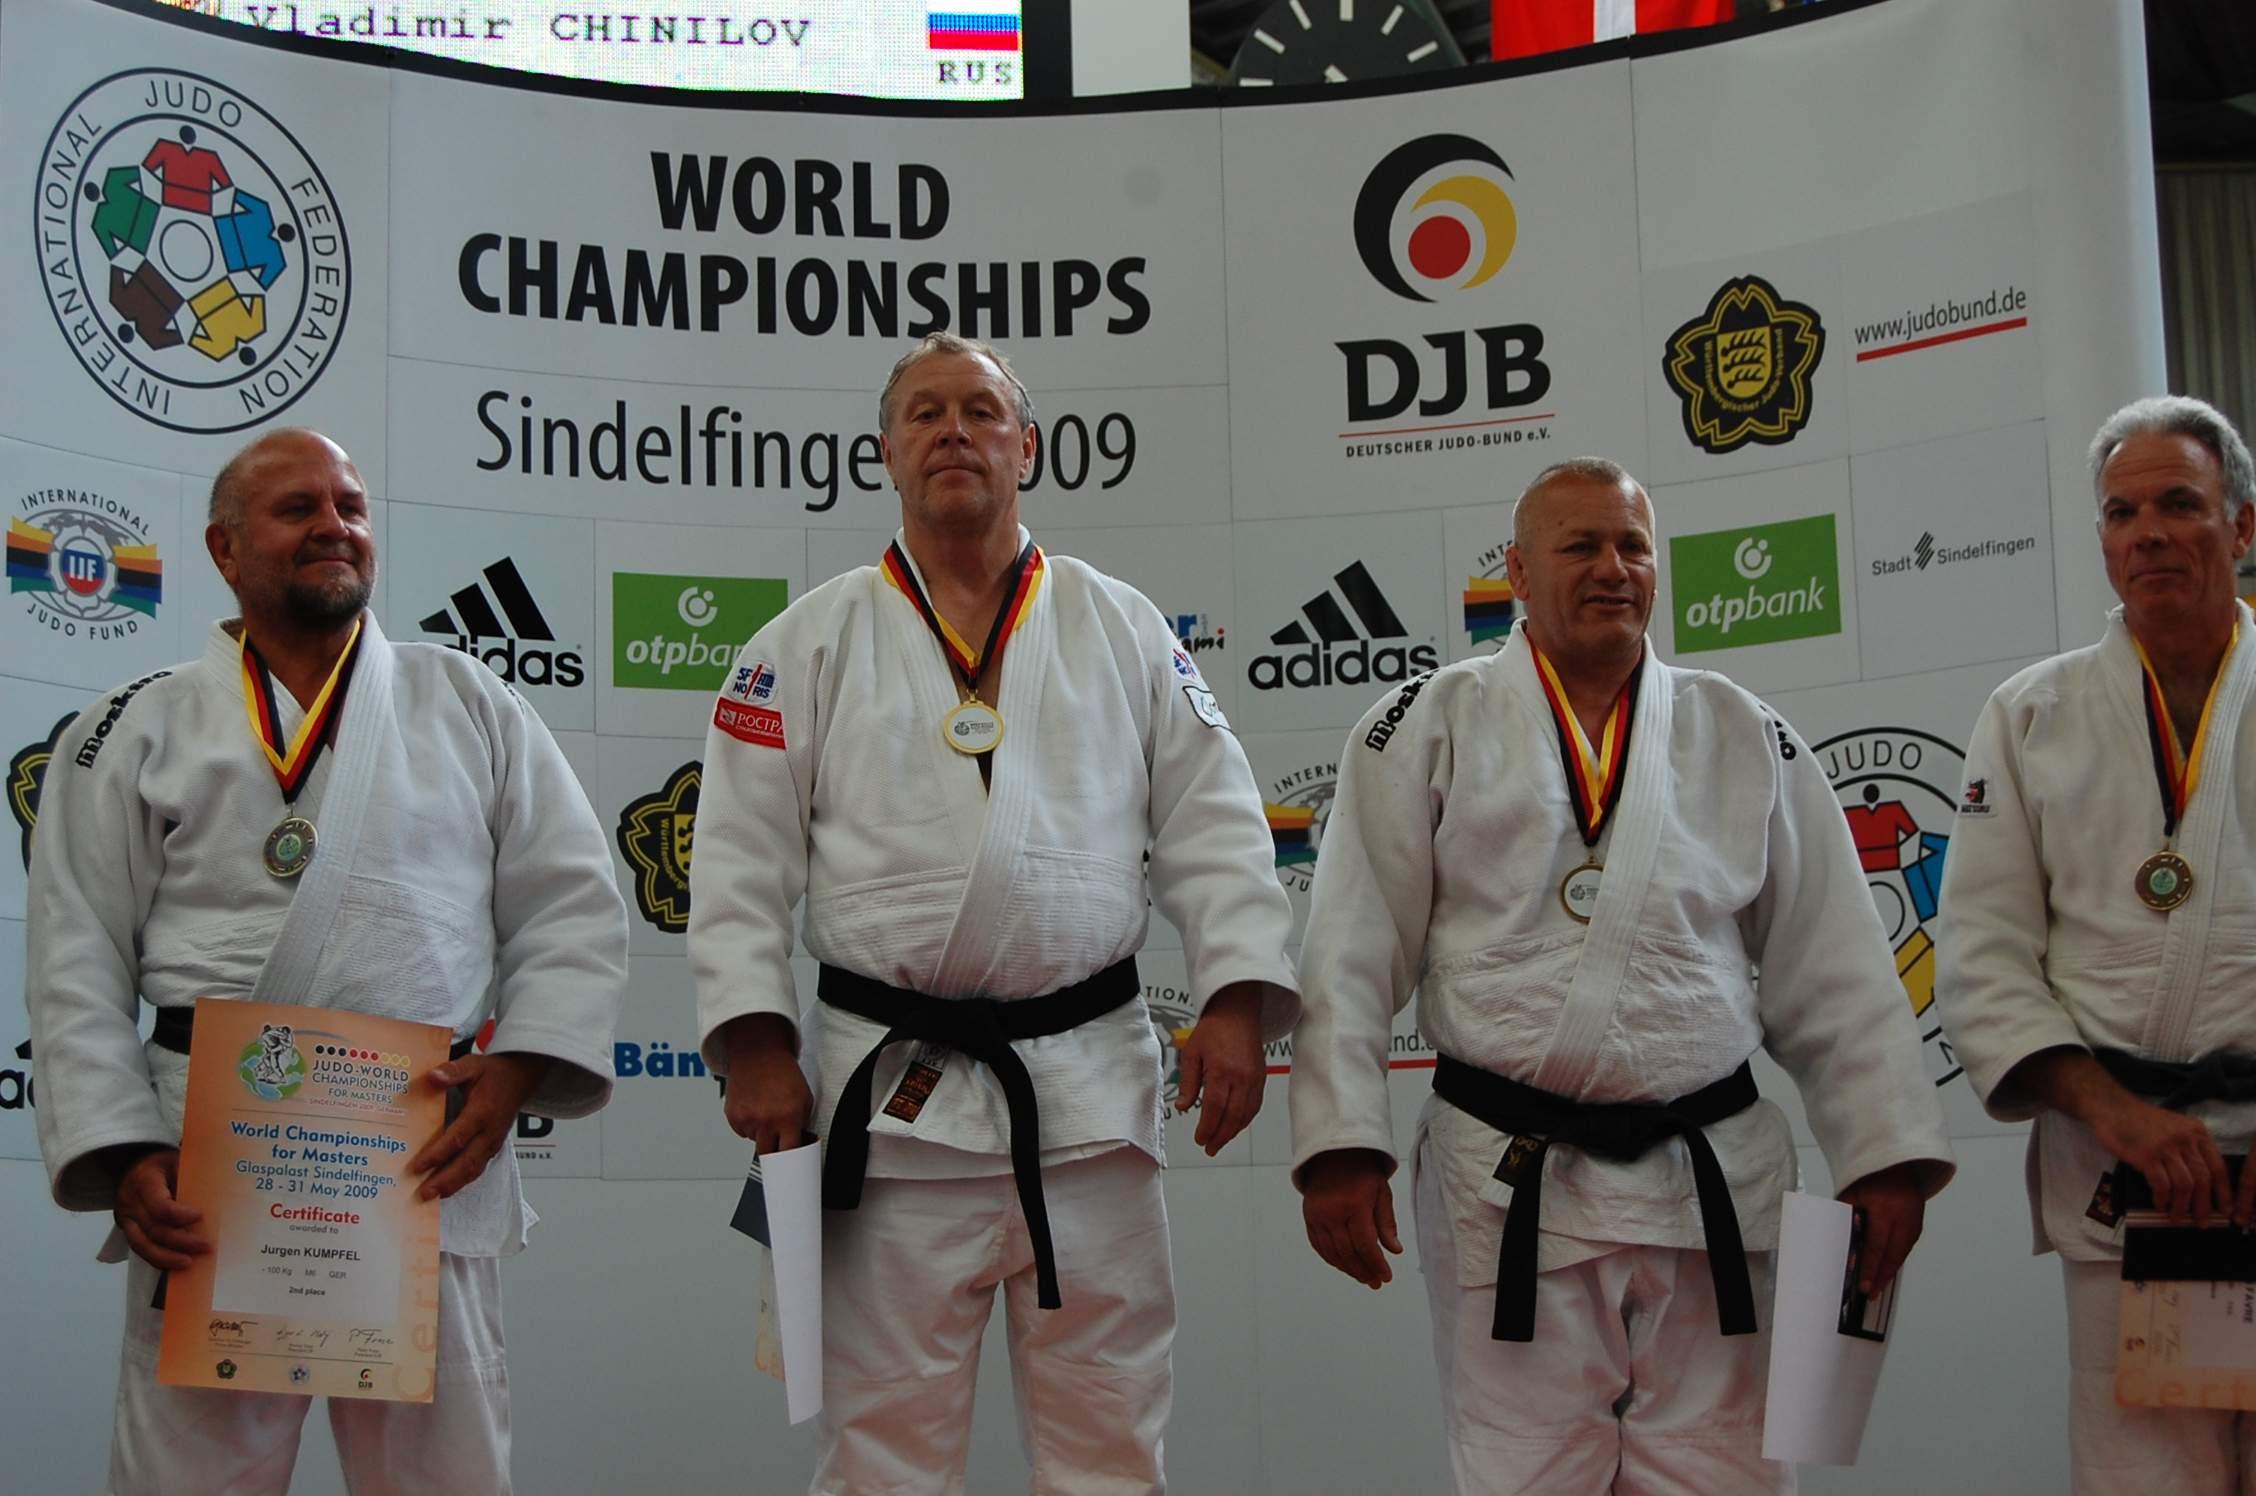 Чемпион Чинилов (второй слева)